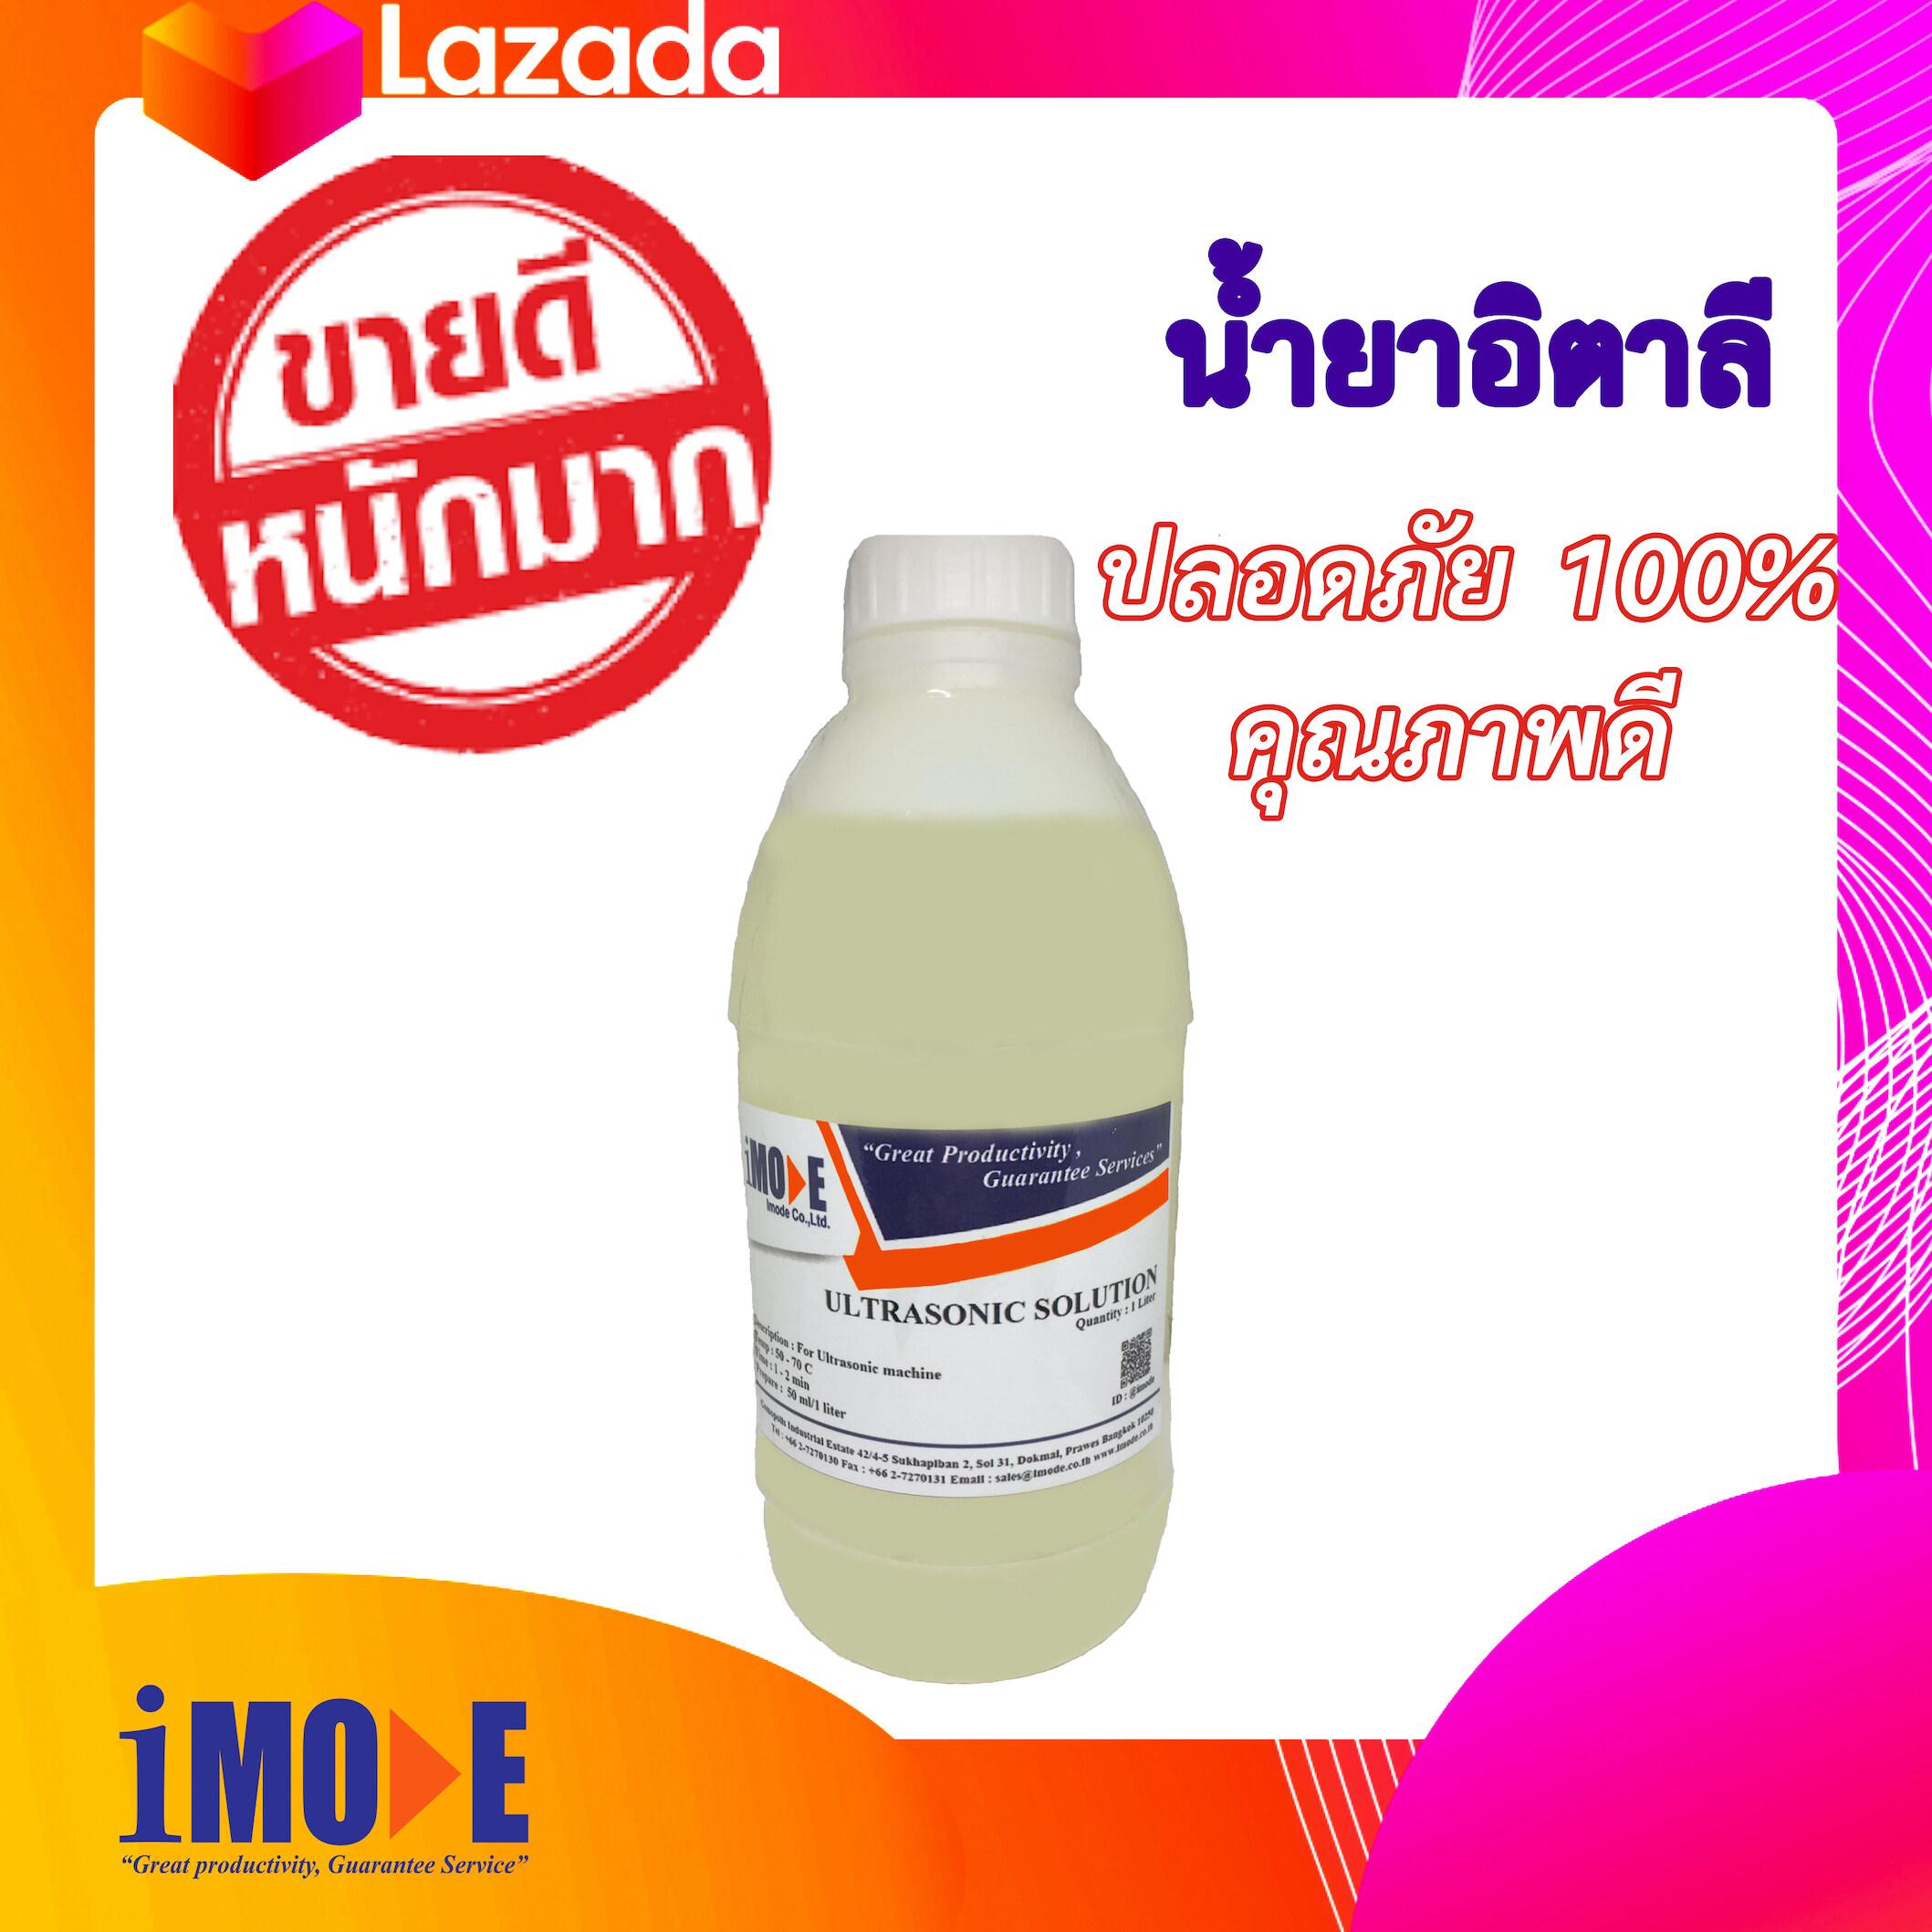 น้ำยาล้างอัลตร้าโซนิค iMode ultrasonic cleaning solution